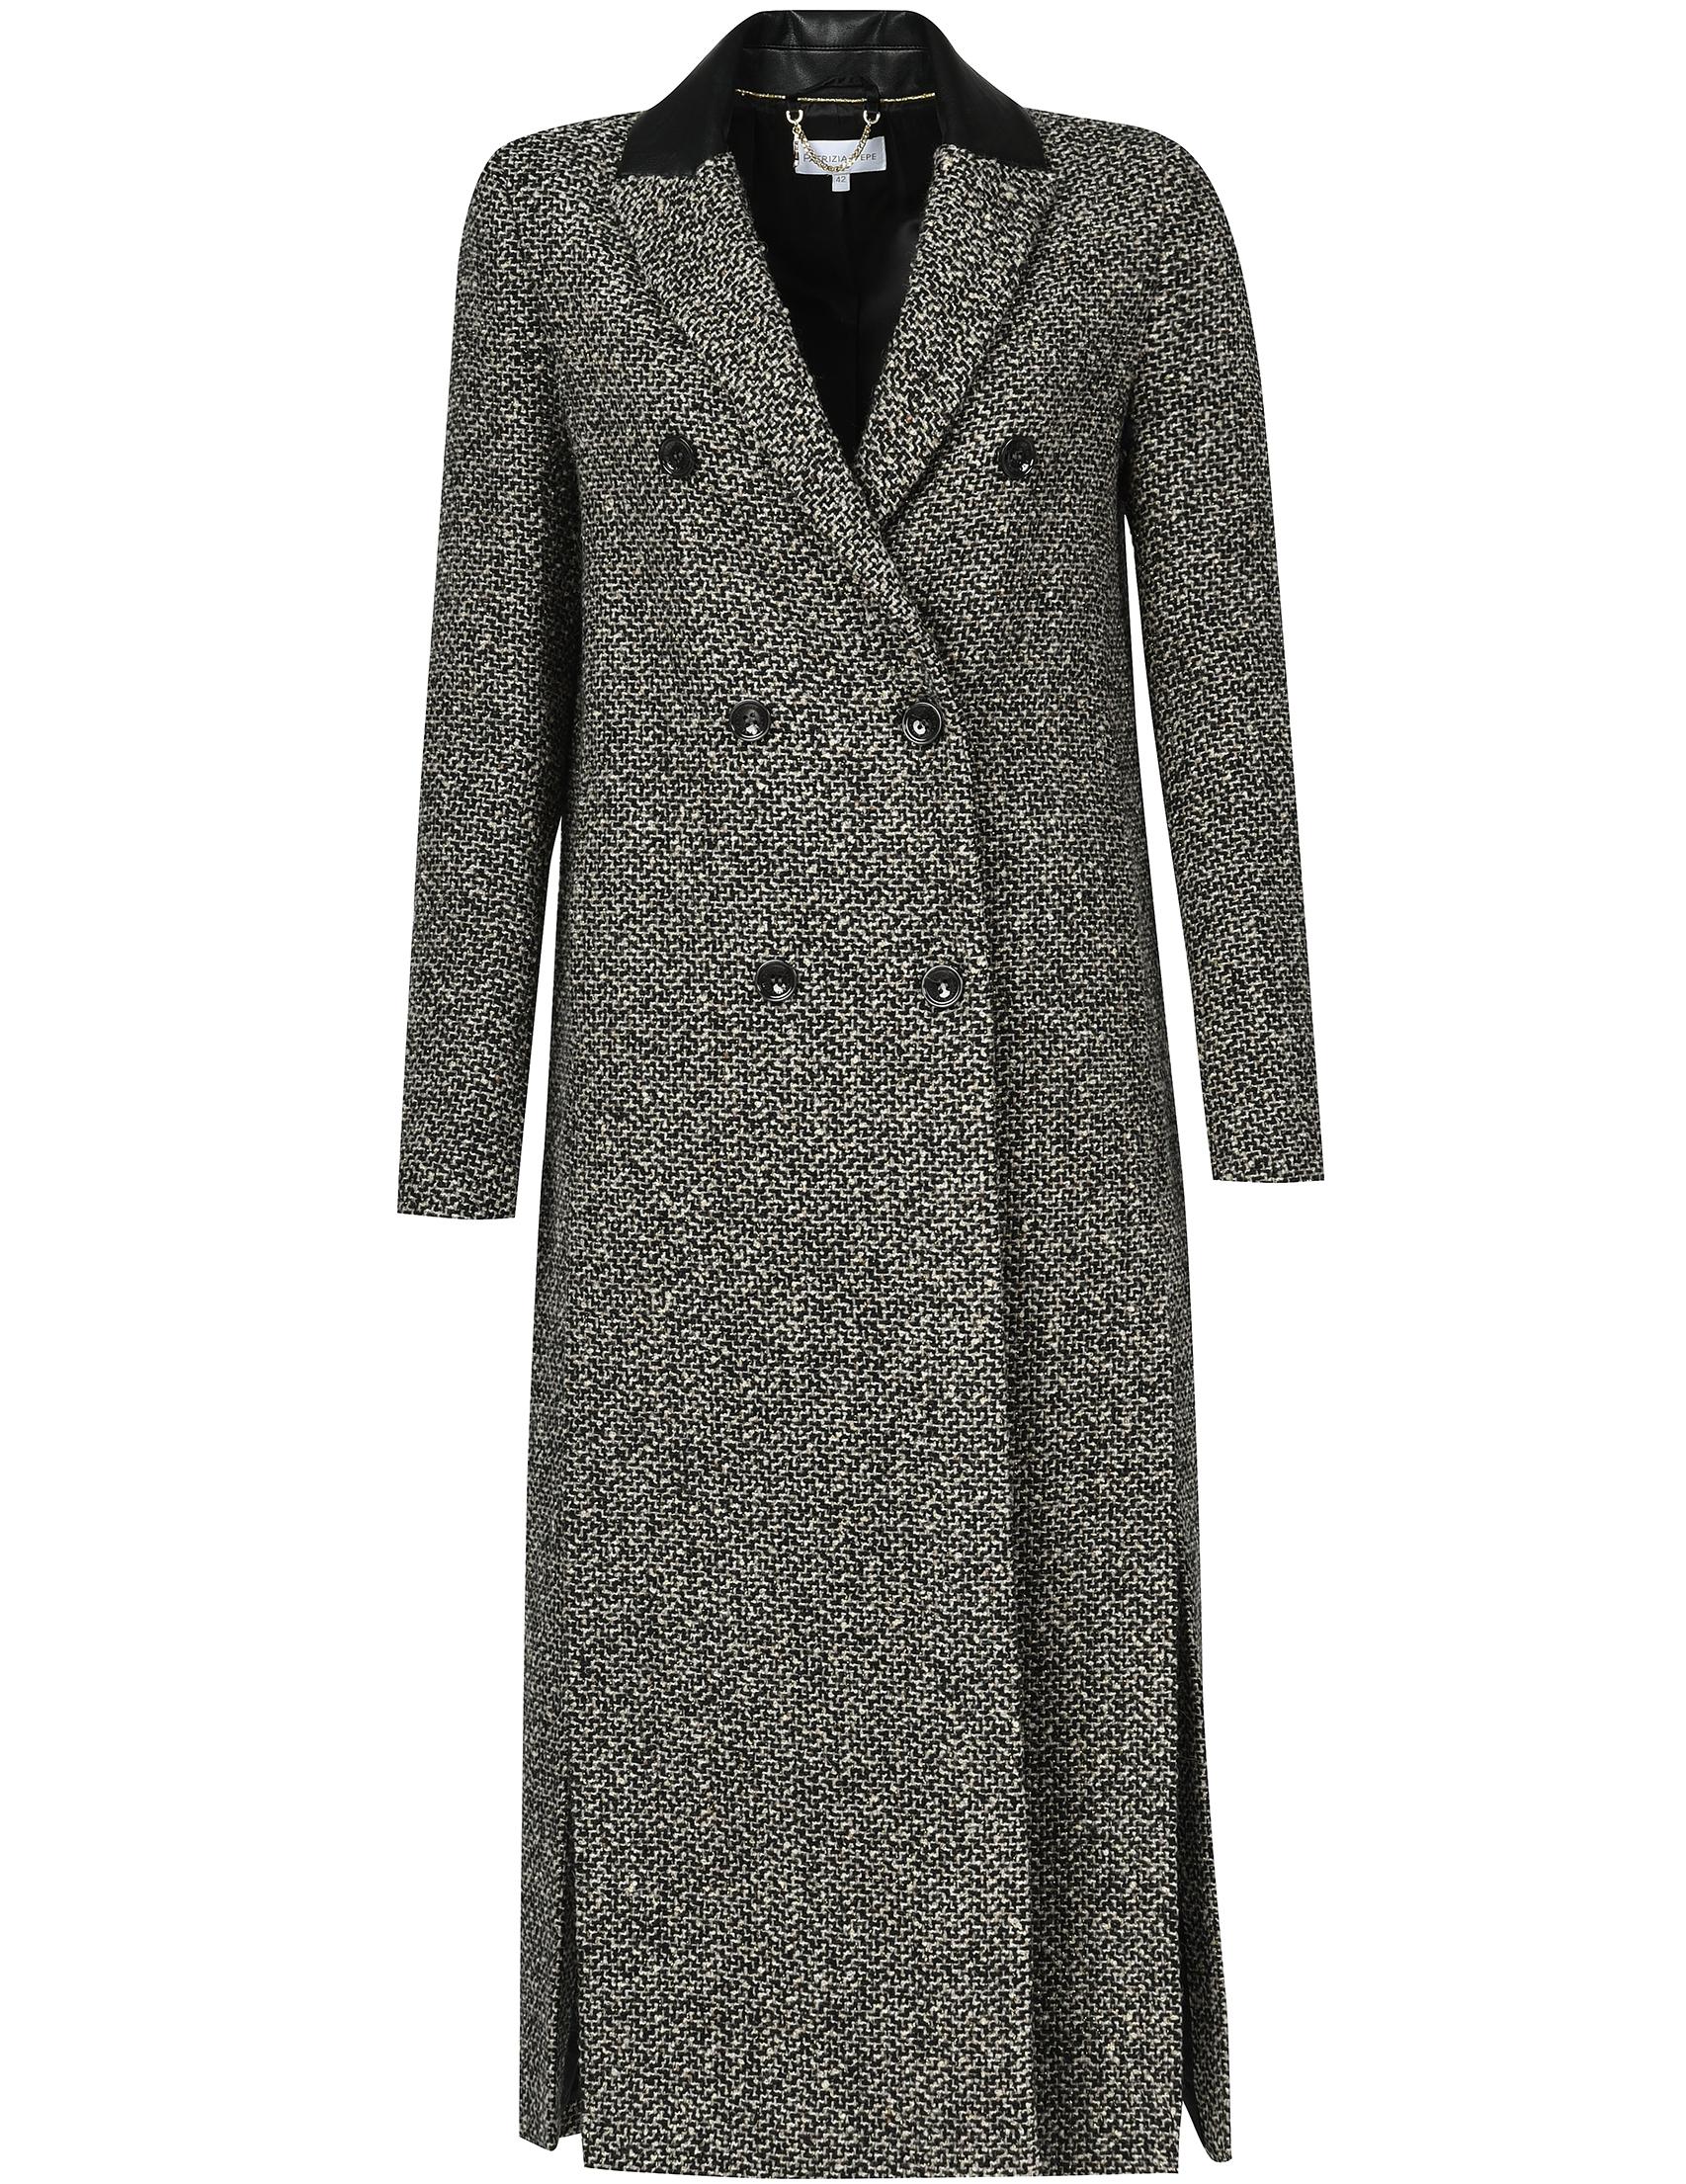 Купить Пальто, PATRIZIA PEPE, Черный, 42%Акрил 44%Шерсть 5%Полиамид 9%Полиэстер, Осень-Зима